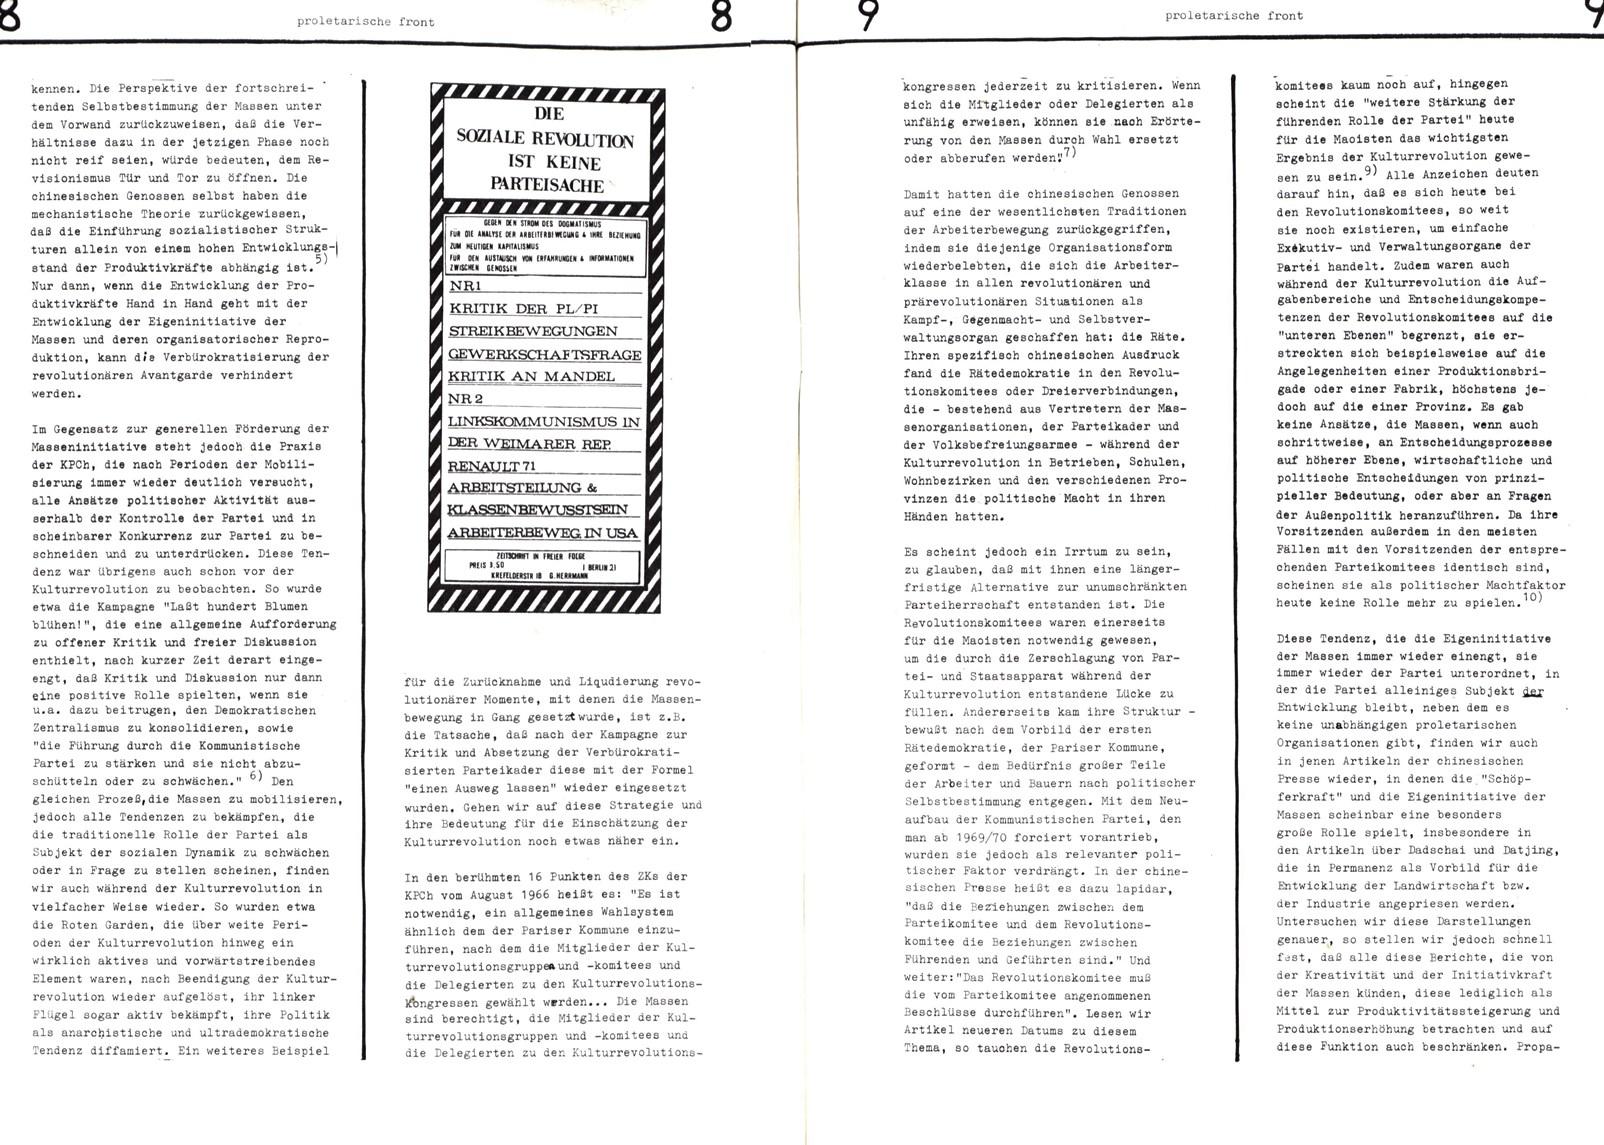 Proletarische_Front_1972_04_05